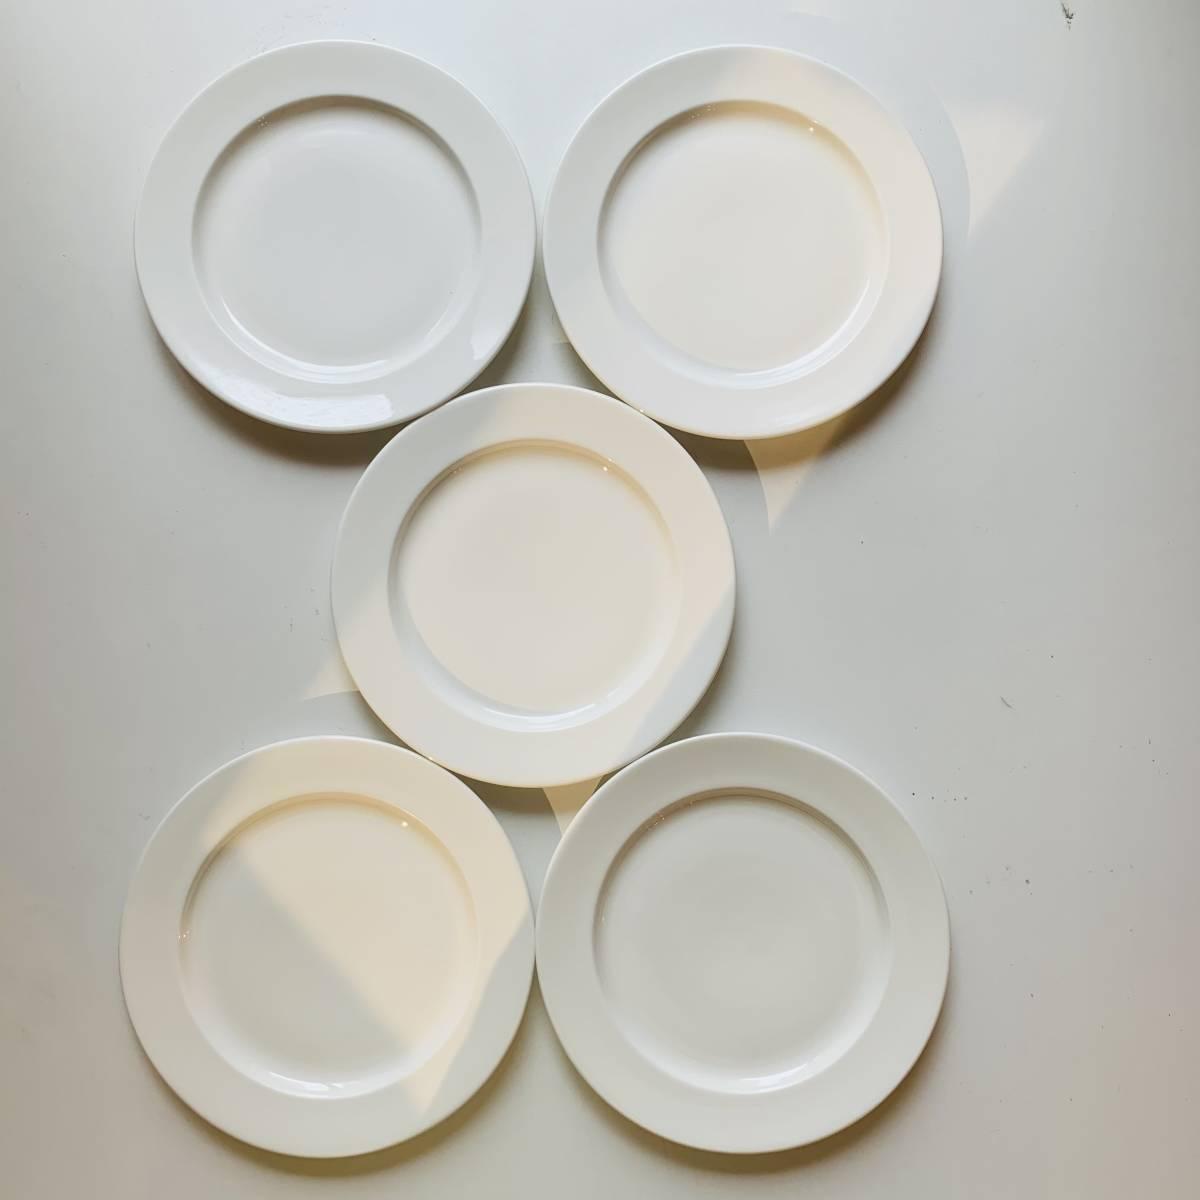 リッツカールトン御用達 19cm 皿 ロイヤルボーンチャイナ 5枚セット売り レストラン・ホテル使用 royal bone china 大阪発 多数有_画像3